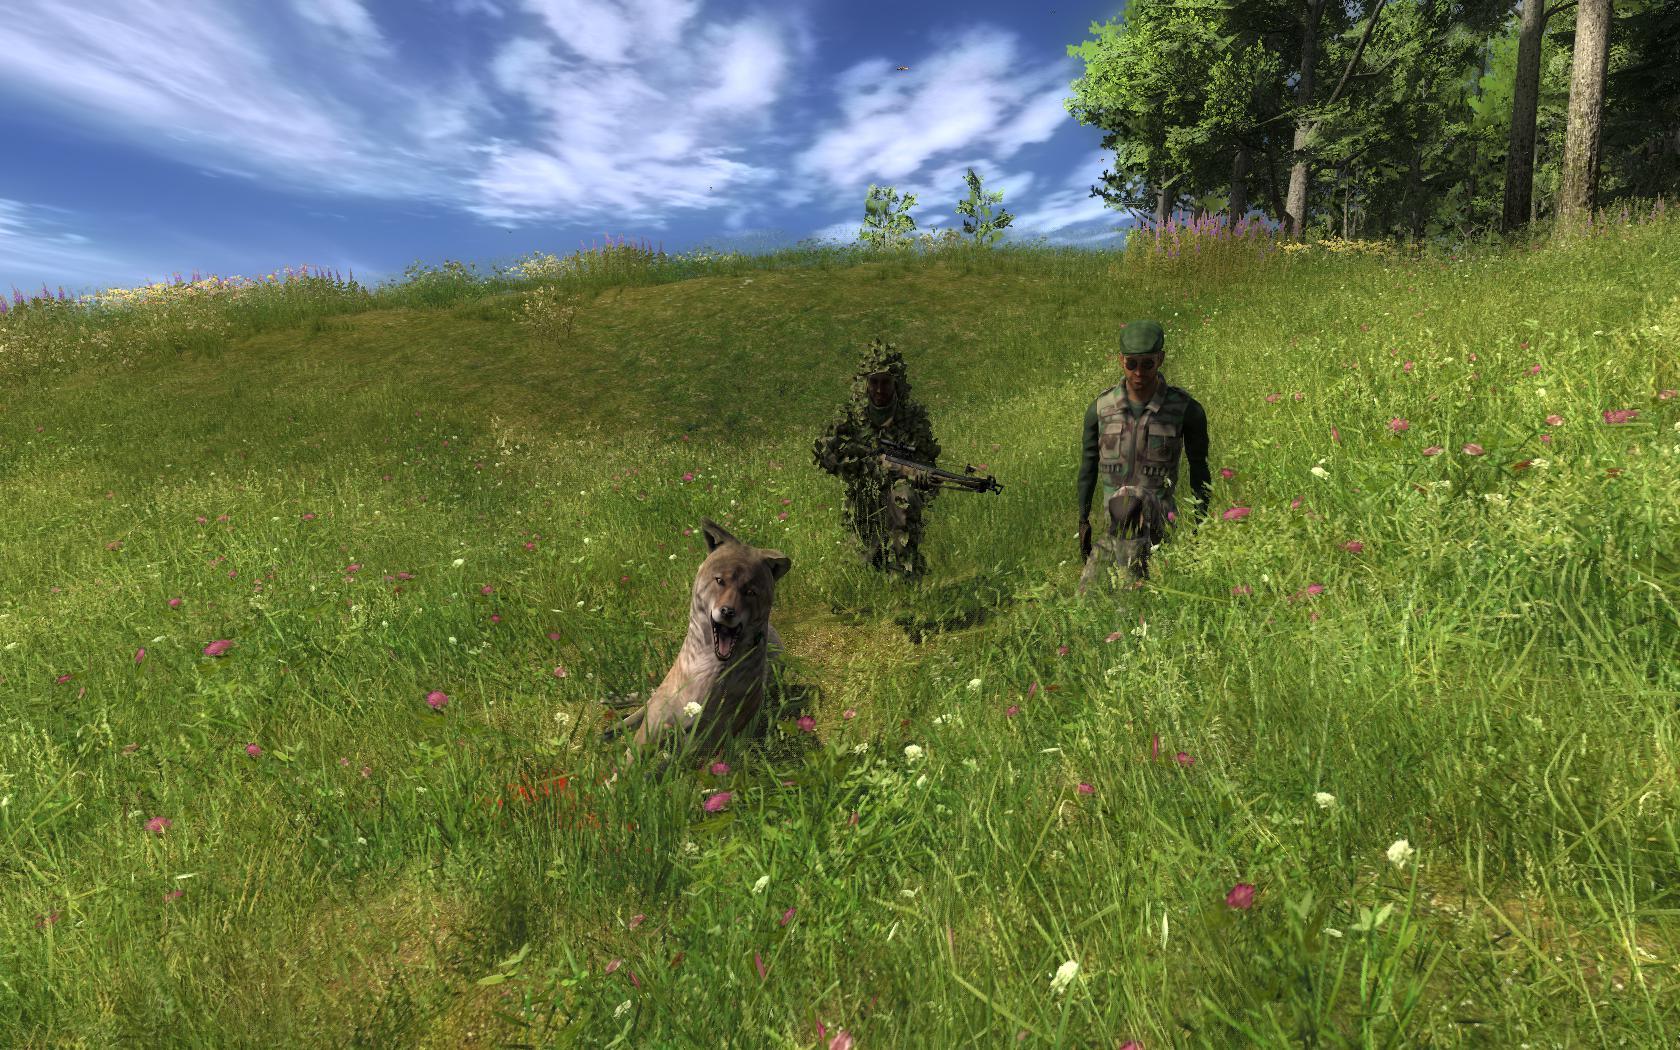 Fotografie in multiplayer con i Nostri AMICI - Pagina 5 46ae3fc1e4778d8b5400f376252ca4a1a629e64e